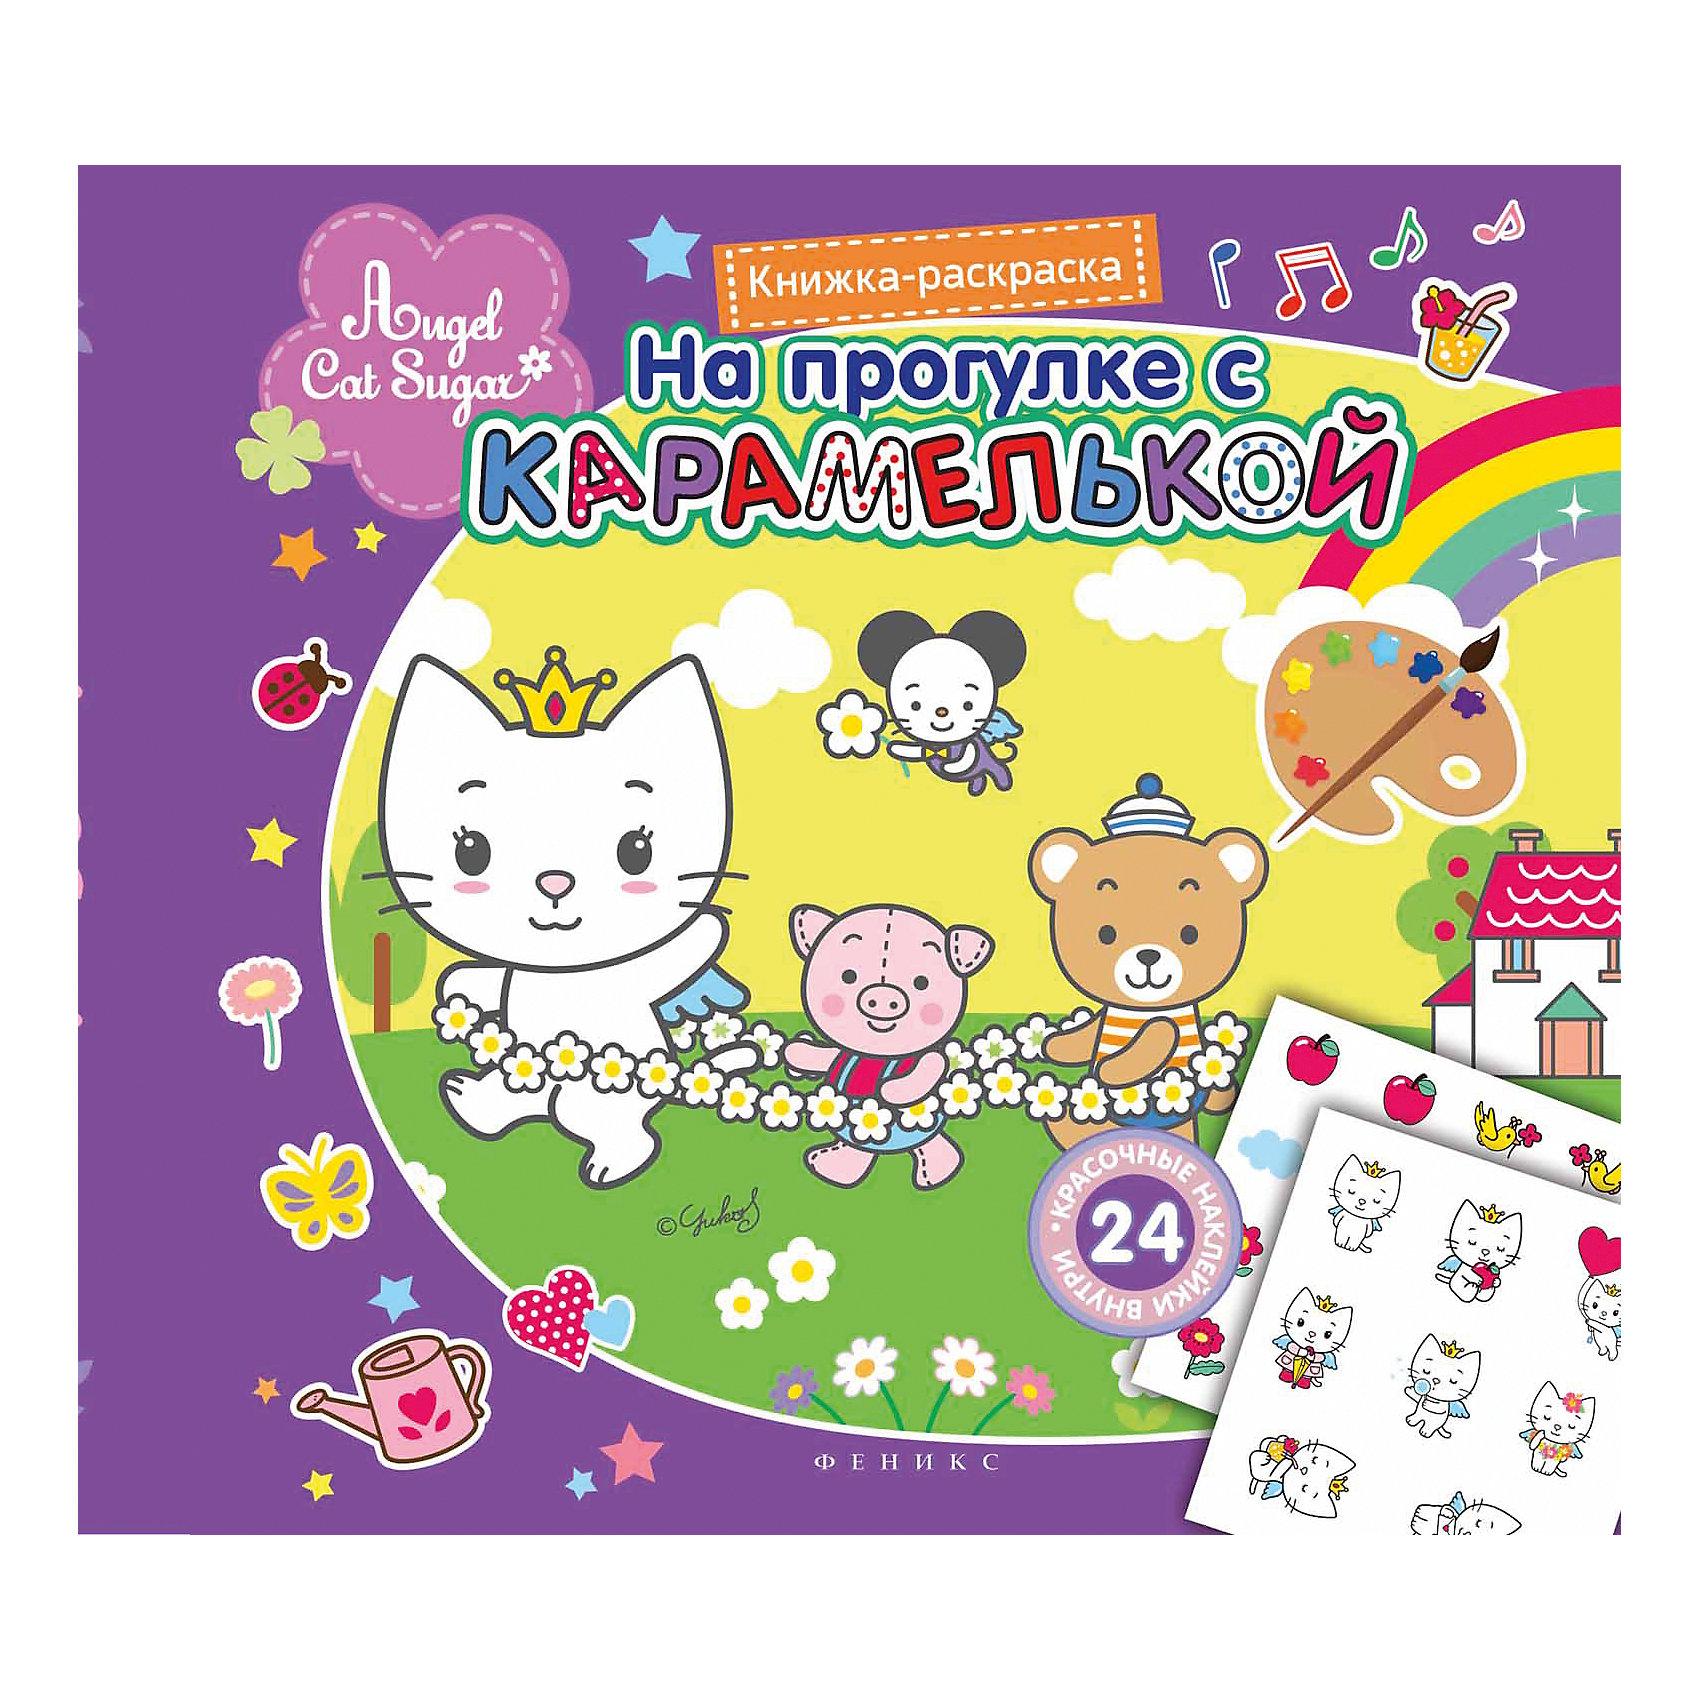 На прогулке с Карамелькой: книжка-раскраскаAngel Cat Sugar - известная героиня, которая наделена невероятной способностью дарить окружающим радость и счастье! Теперь она есть и в России! Раскрашивать вместе с Карамелькой - это не только увлекательное, но и очень полезное занятие: оно развивает мелкую моторику и творческий потенциал, учит работать с цветом.<br>Карамелька и её друзья помогут развить внимательность, аккуратность, с пользой займут ребёнка и подарят ему хорошее настроение!<br><br>Ширина мм: 228<br>Глубина мм: 238<br>Высота мм: 1<br>Вес г: 248<br>Возраст от месяцев: 36<br>Возраст до месяцев: 72<br>Пол: Унисекс<br>Возраст: Детский<br>SKU: 5480314